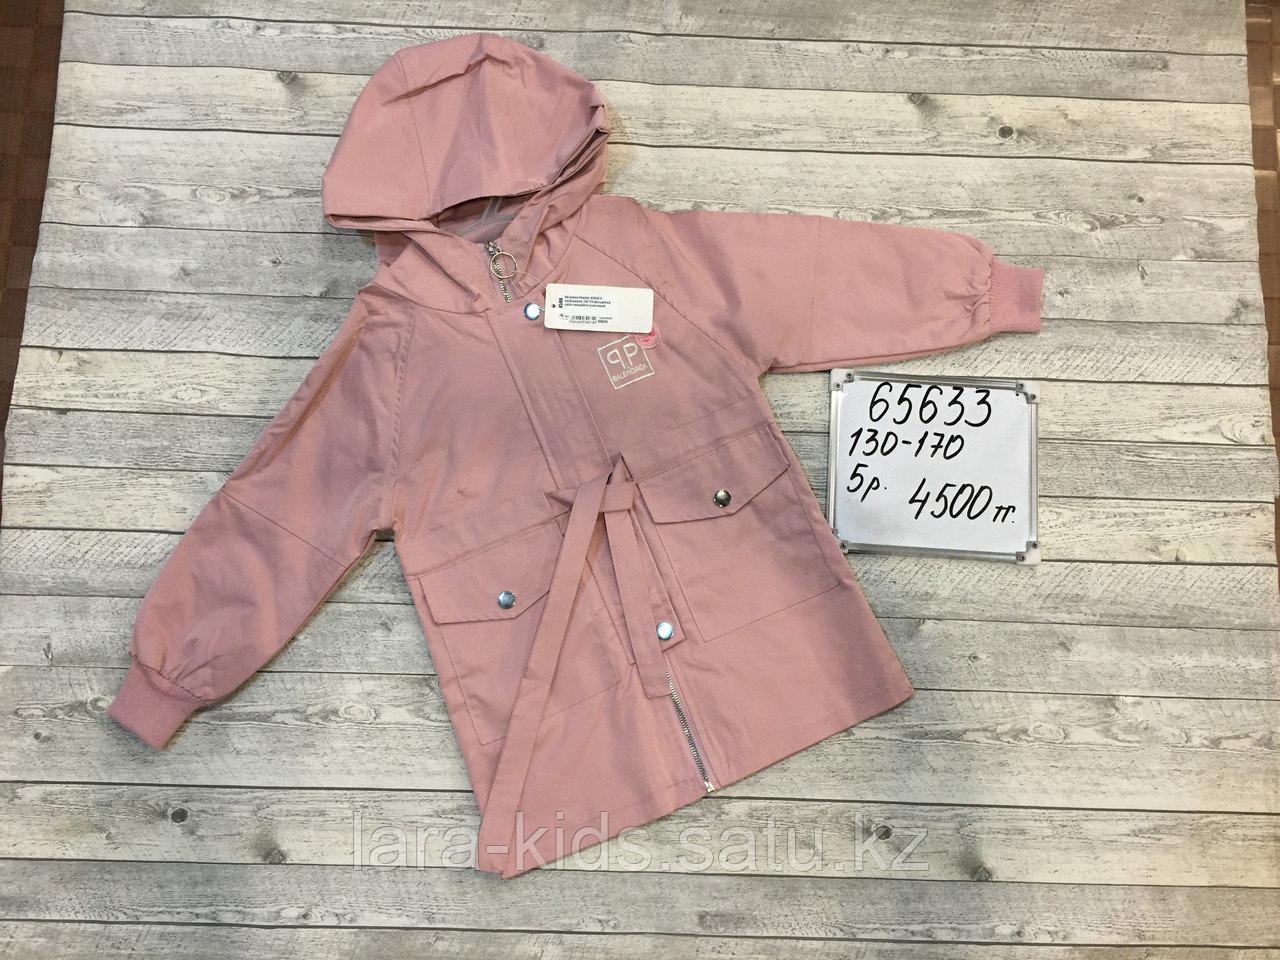 Куртки и ветровки для девочек